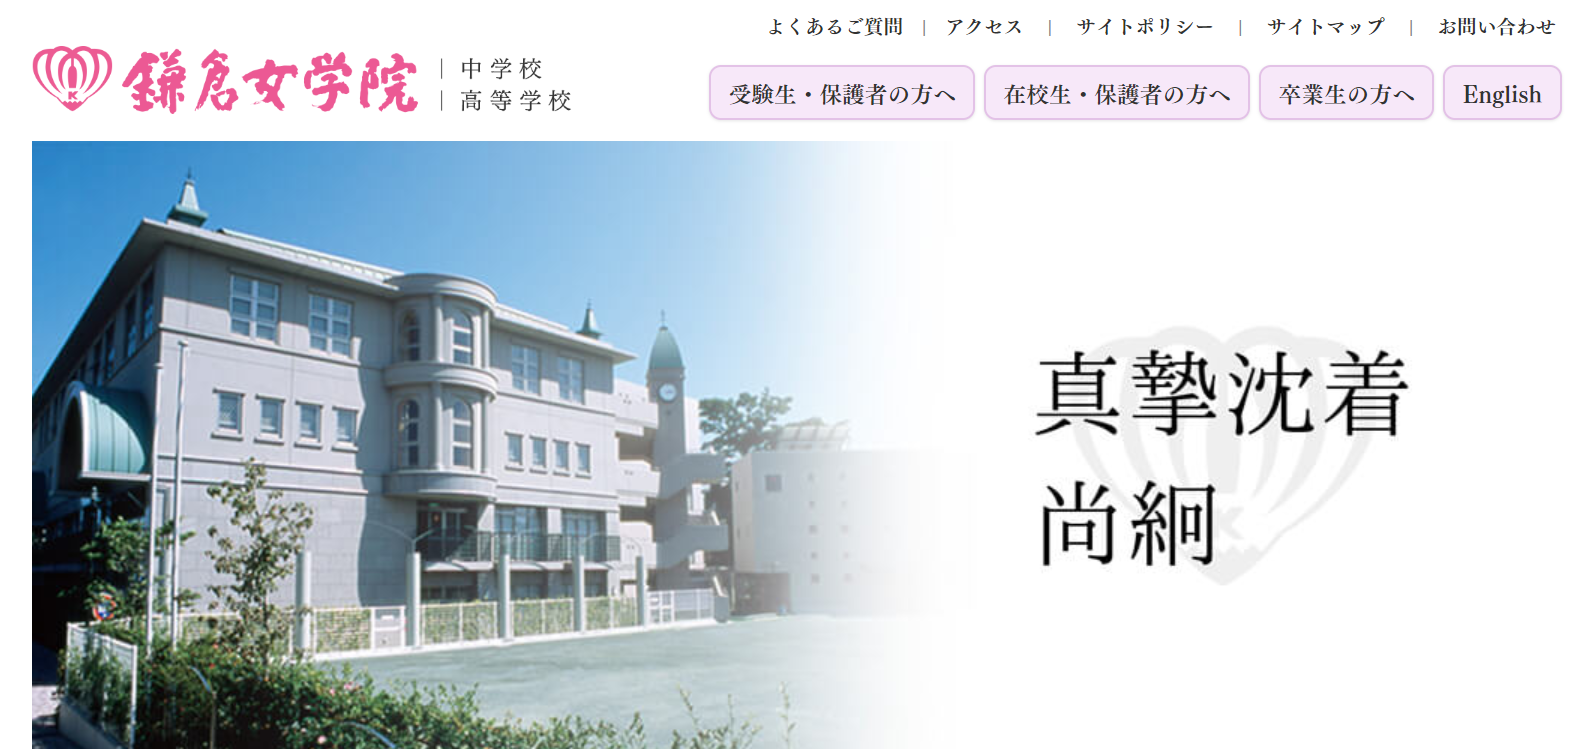 鎌倉女学院高校の口コミ・評判